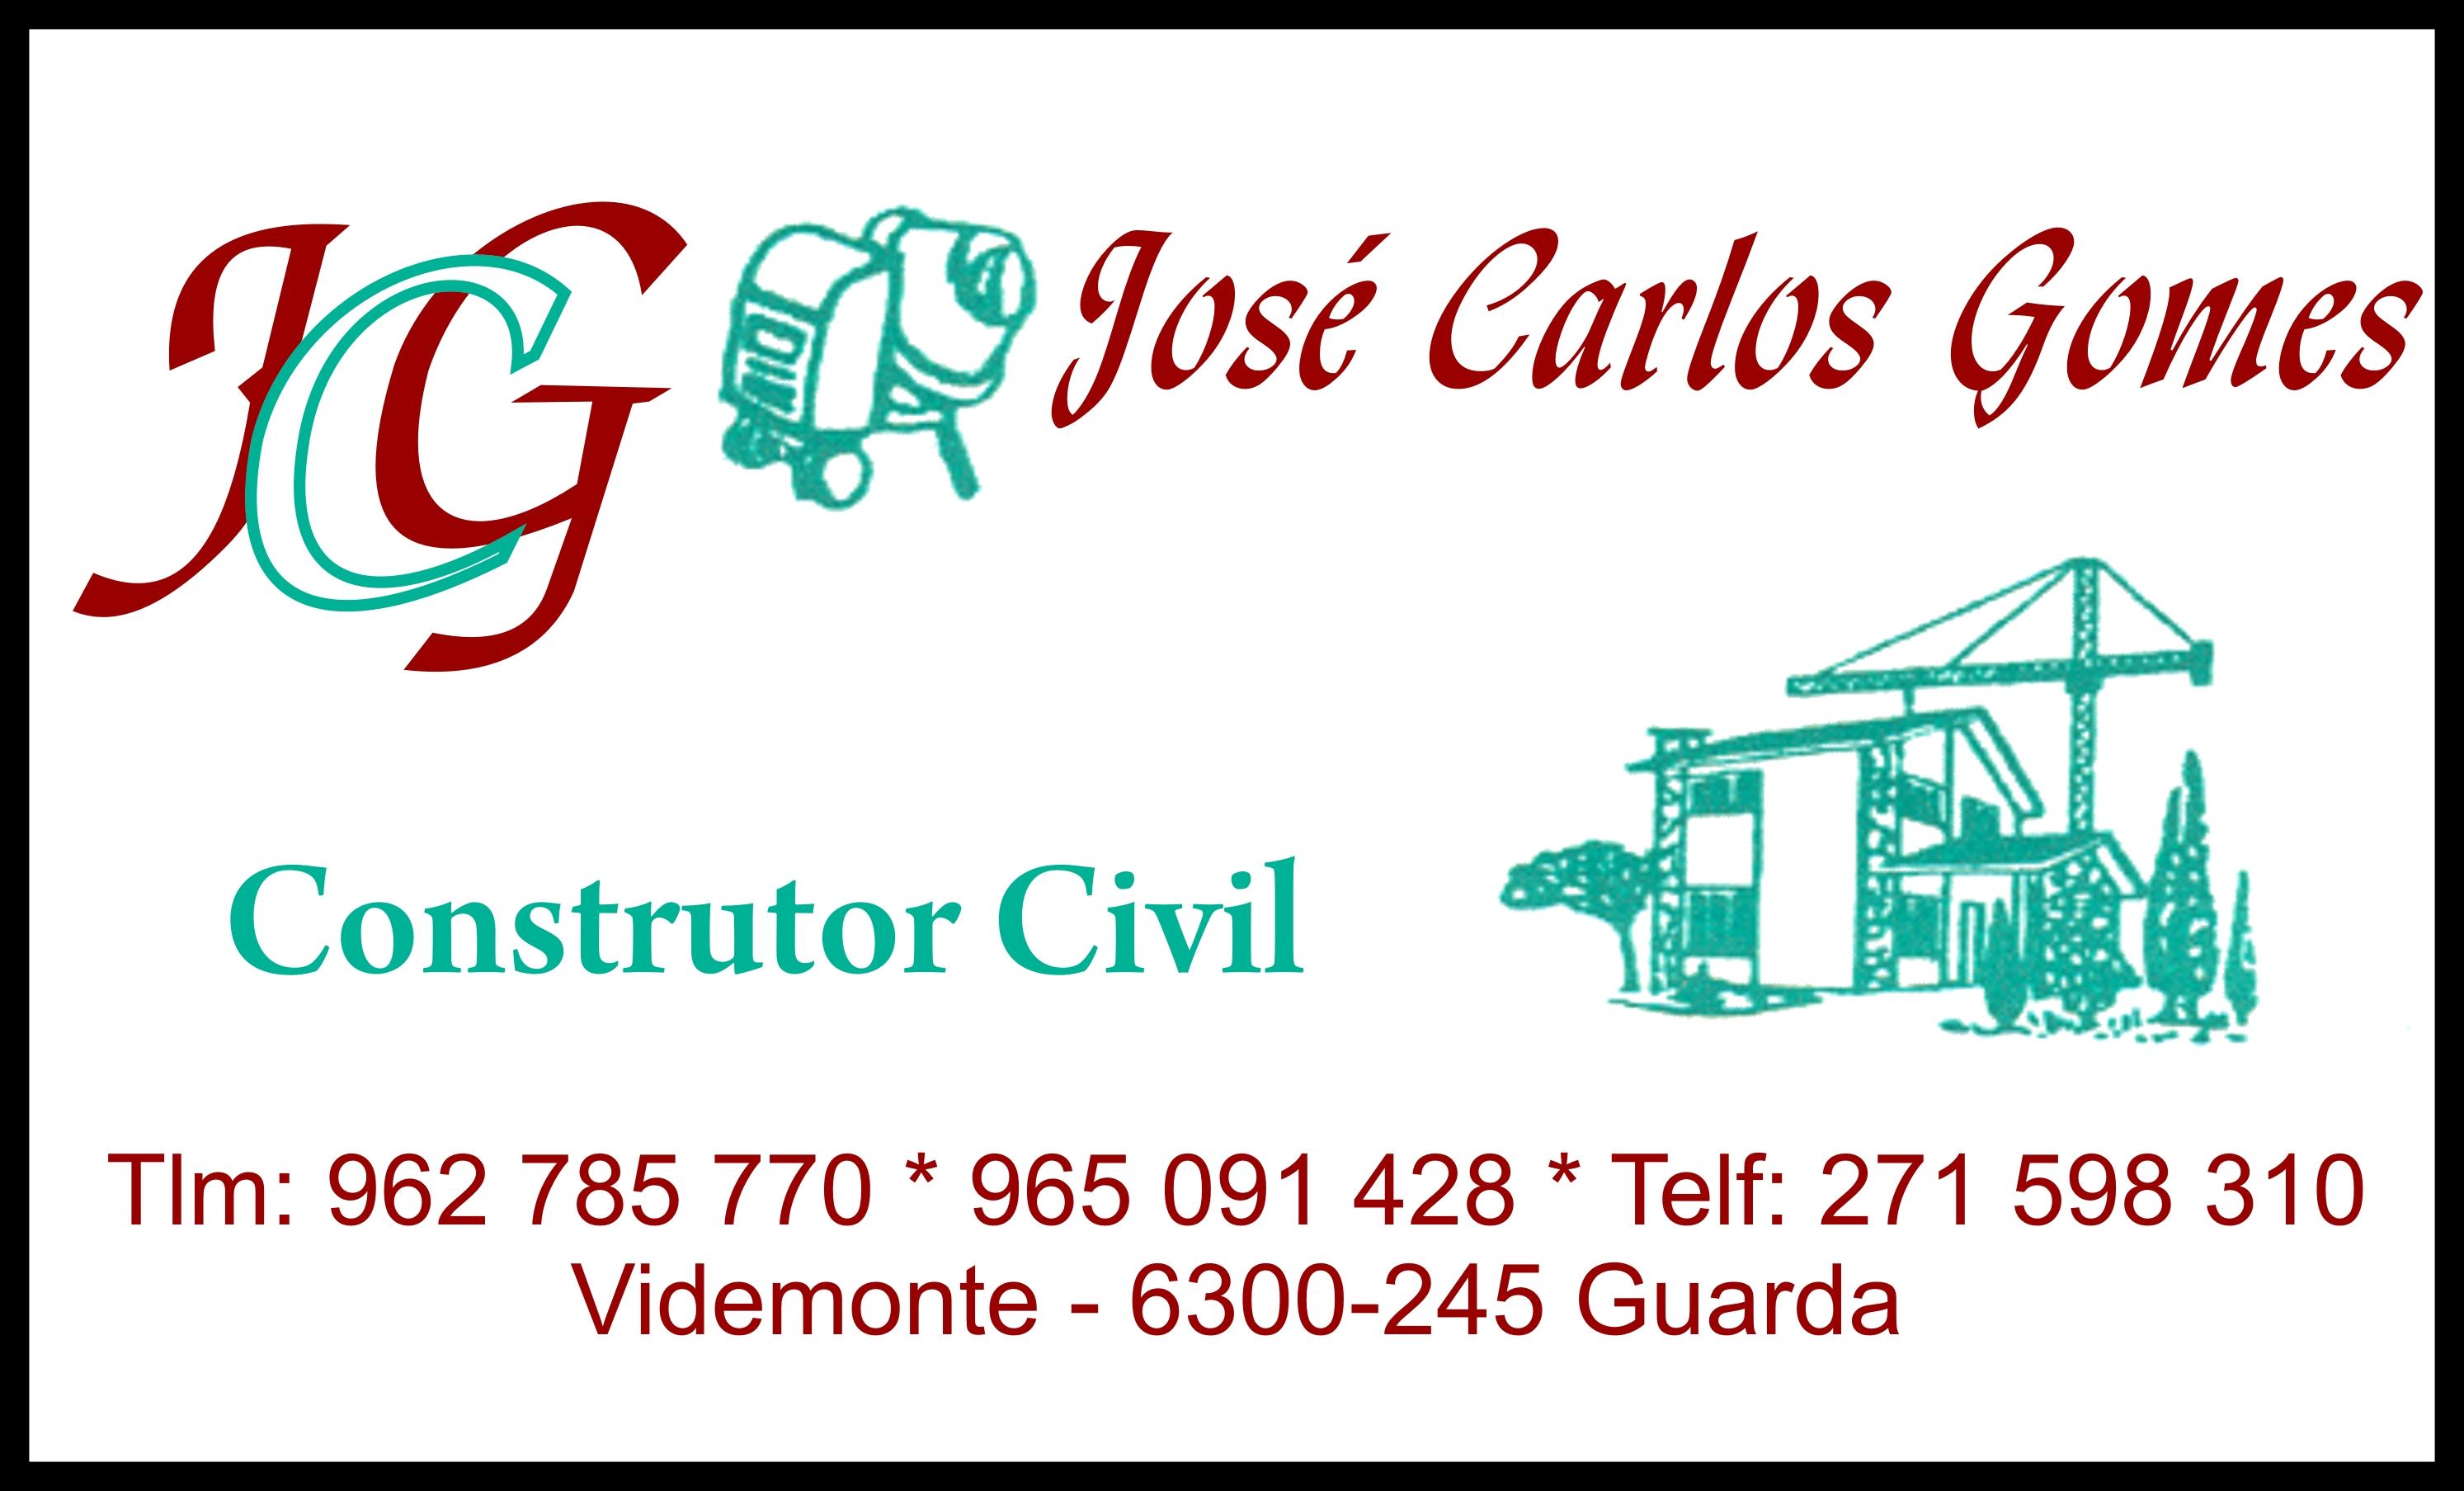 josé_Carlos_gomes